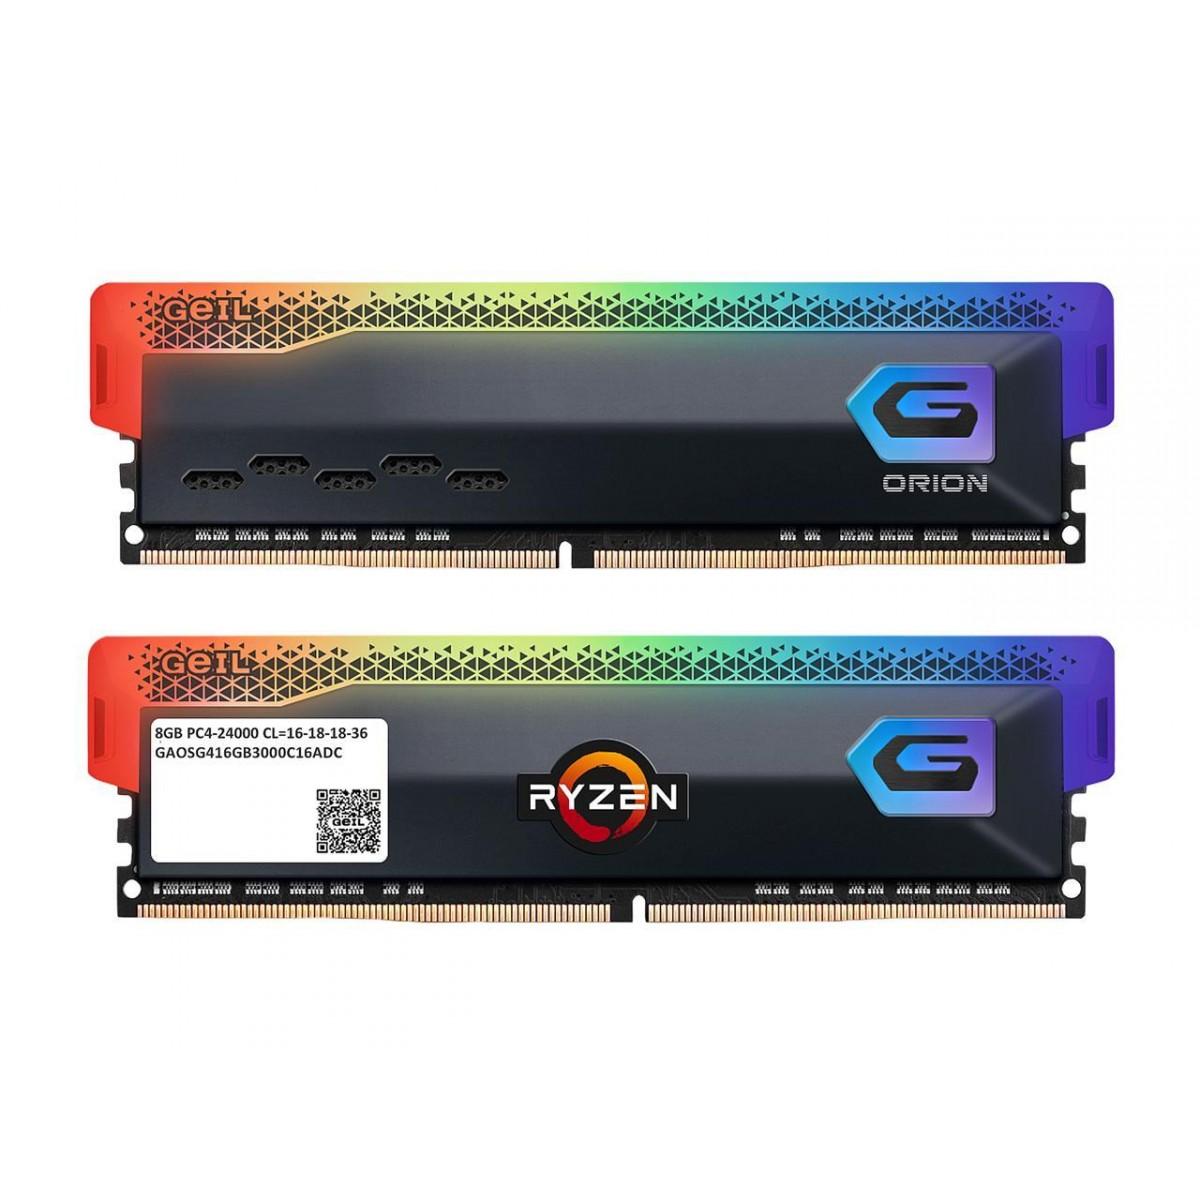 Memória DDR4 Geil Orion, Edição AMD, 16GB (2x8GB) 3600MHz, RGB, Grey, GAOSG416GB3600C18BDC